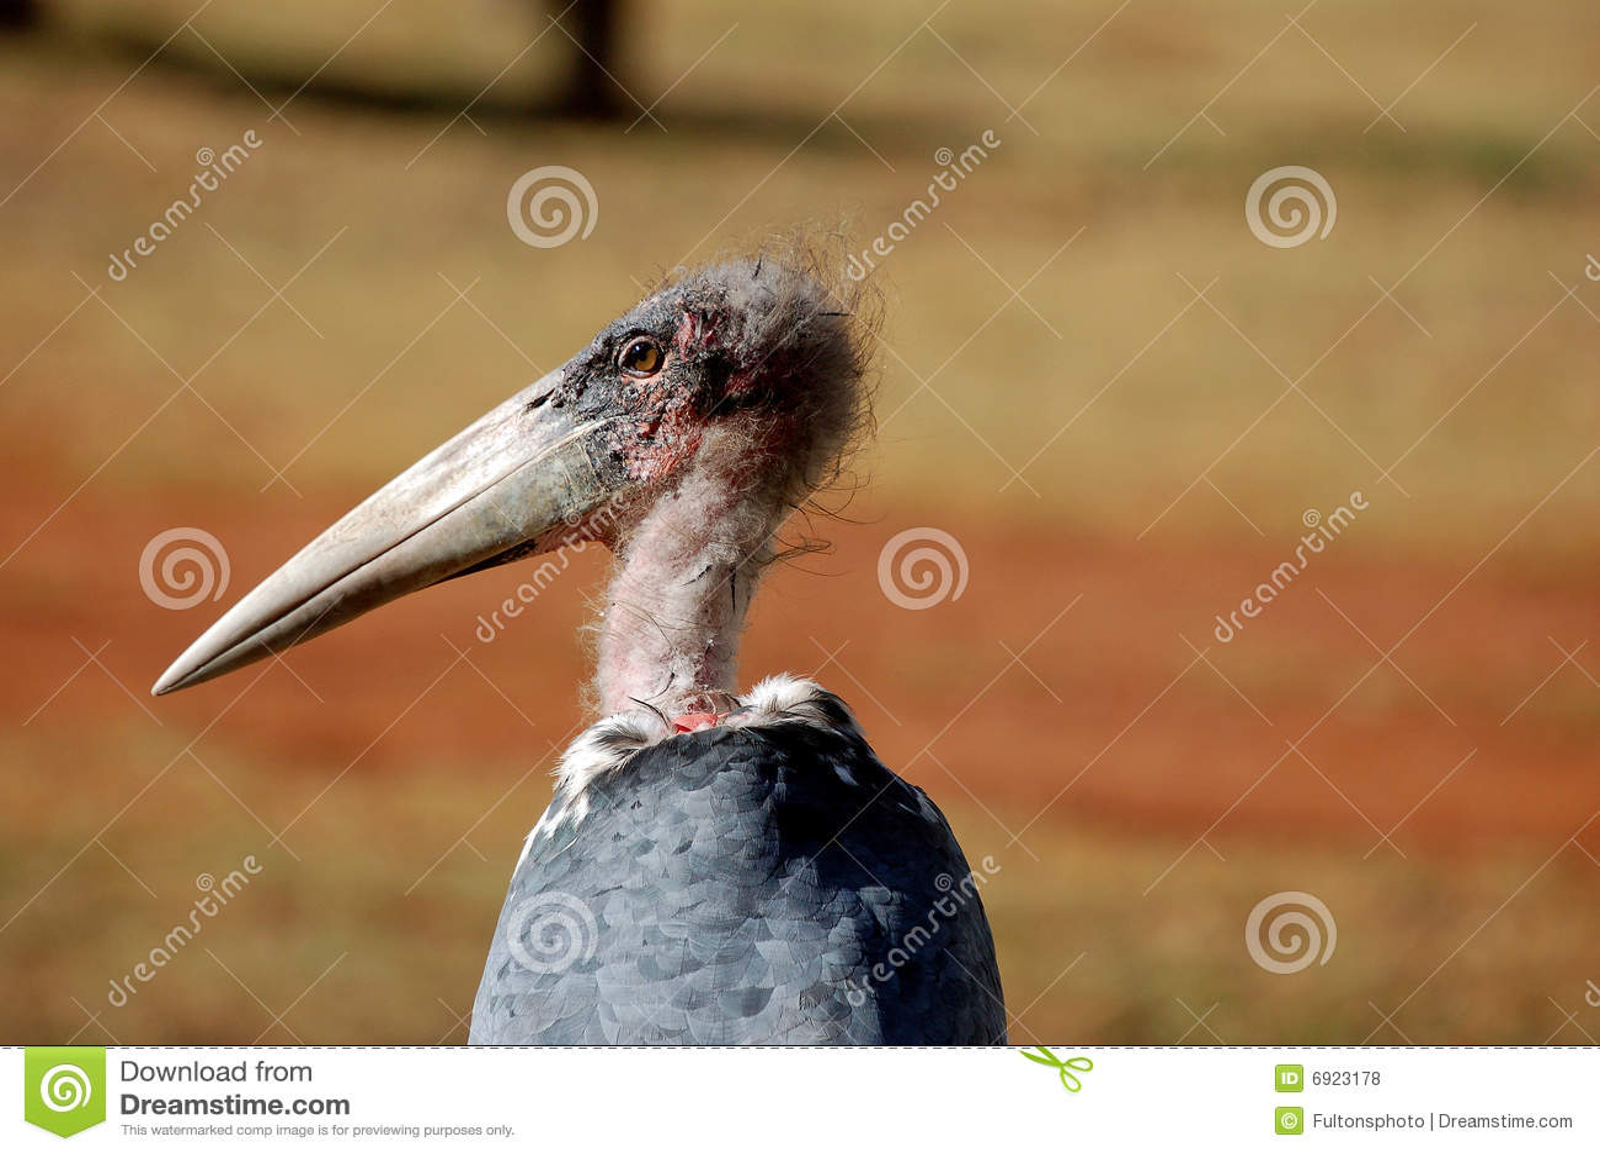 bird with long beak or bill stock photo 6923178 megapixl